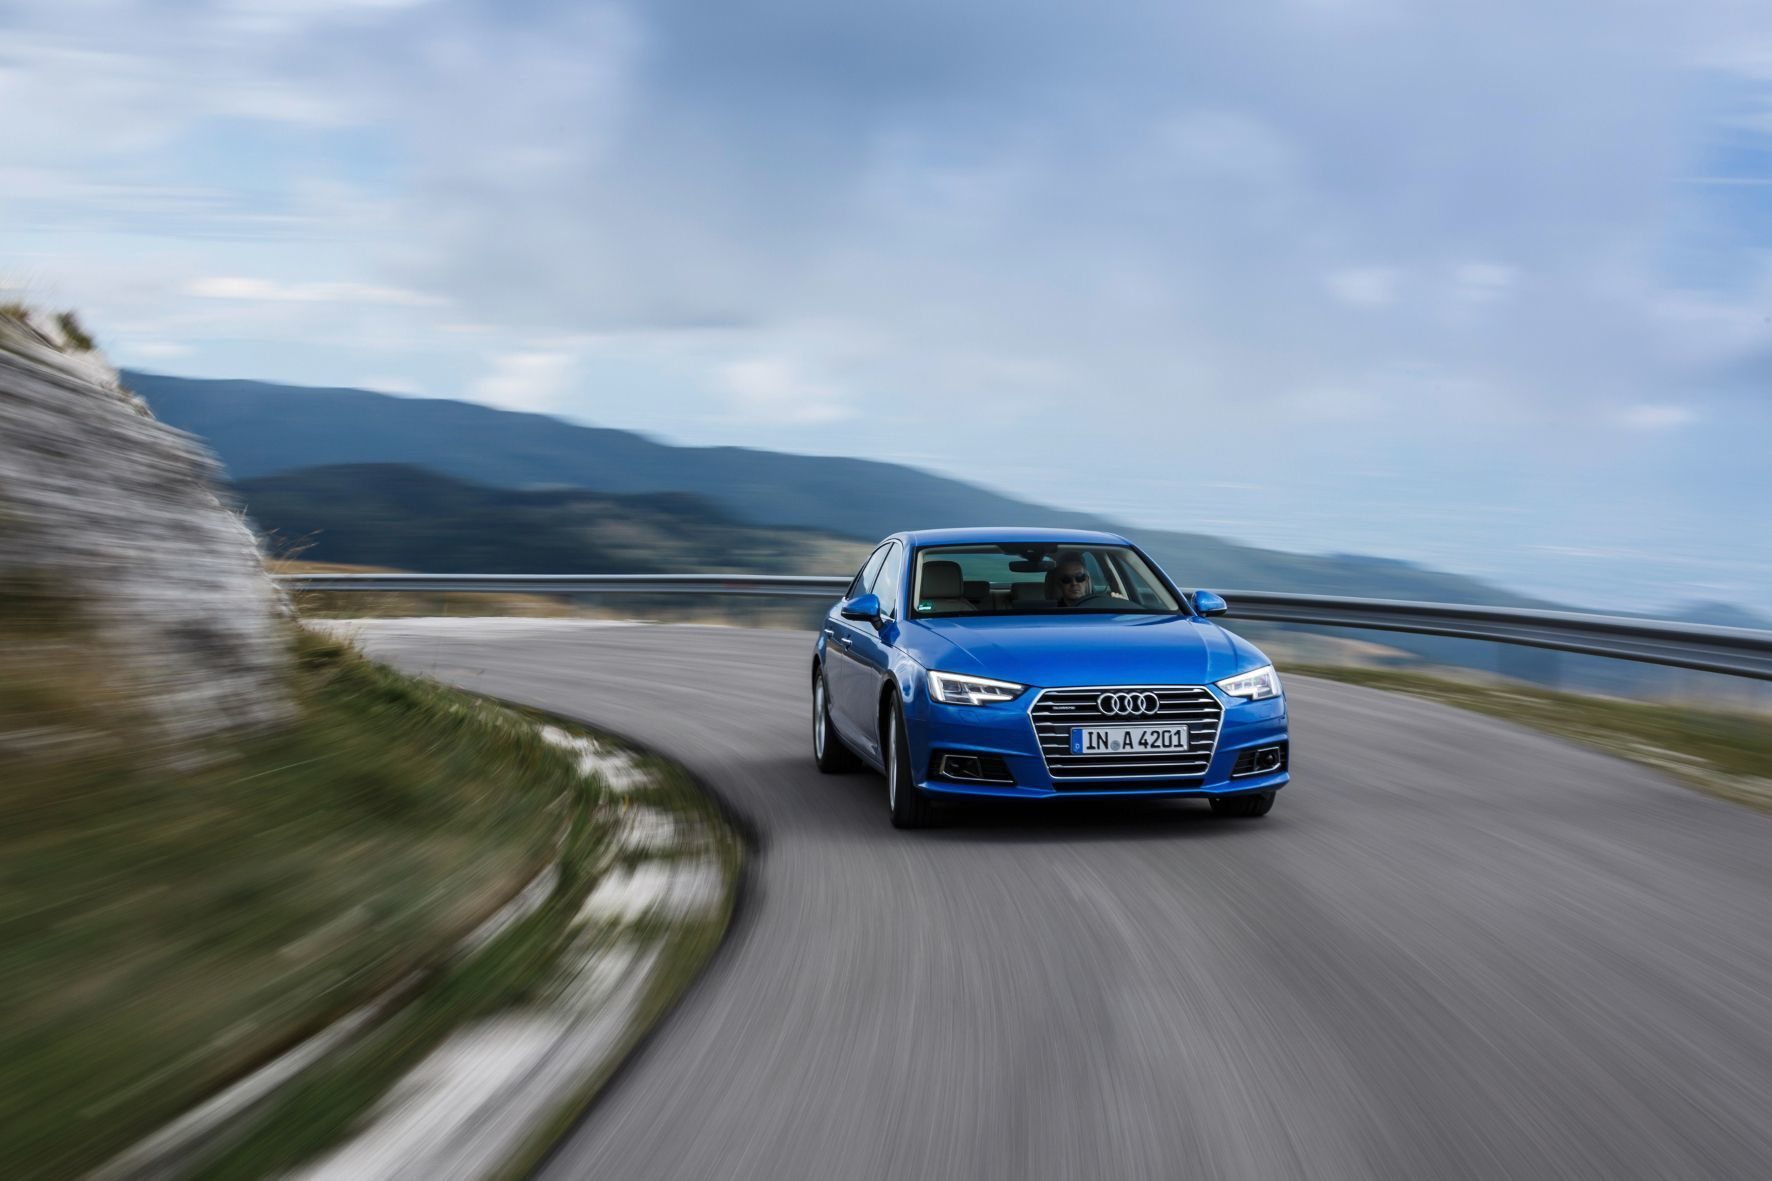 mid München - Mit dem 252 PS starken Top-Benziner mutiert der jüngst überarbeitete Audi A4 zur Sport-Limousine.